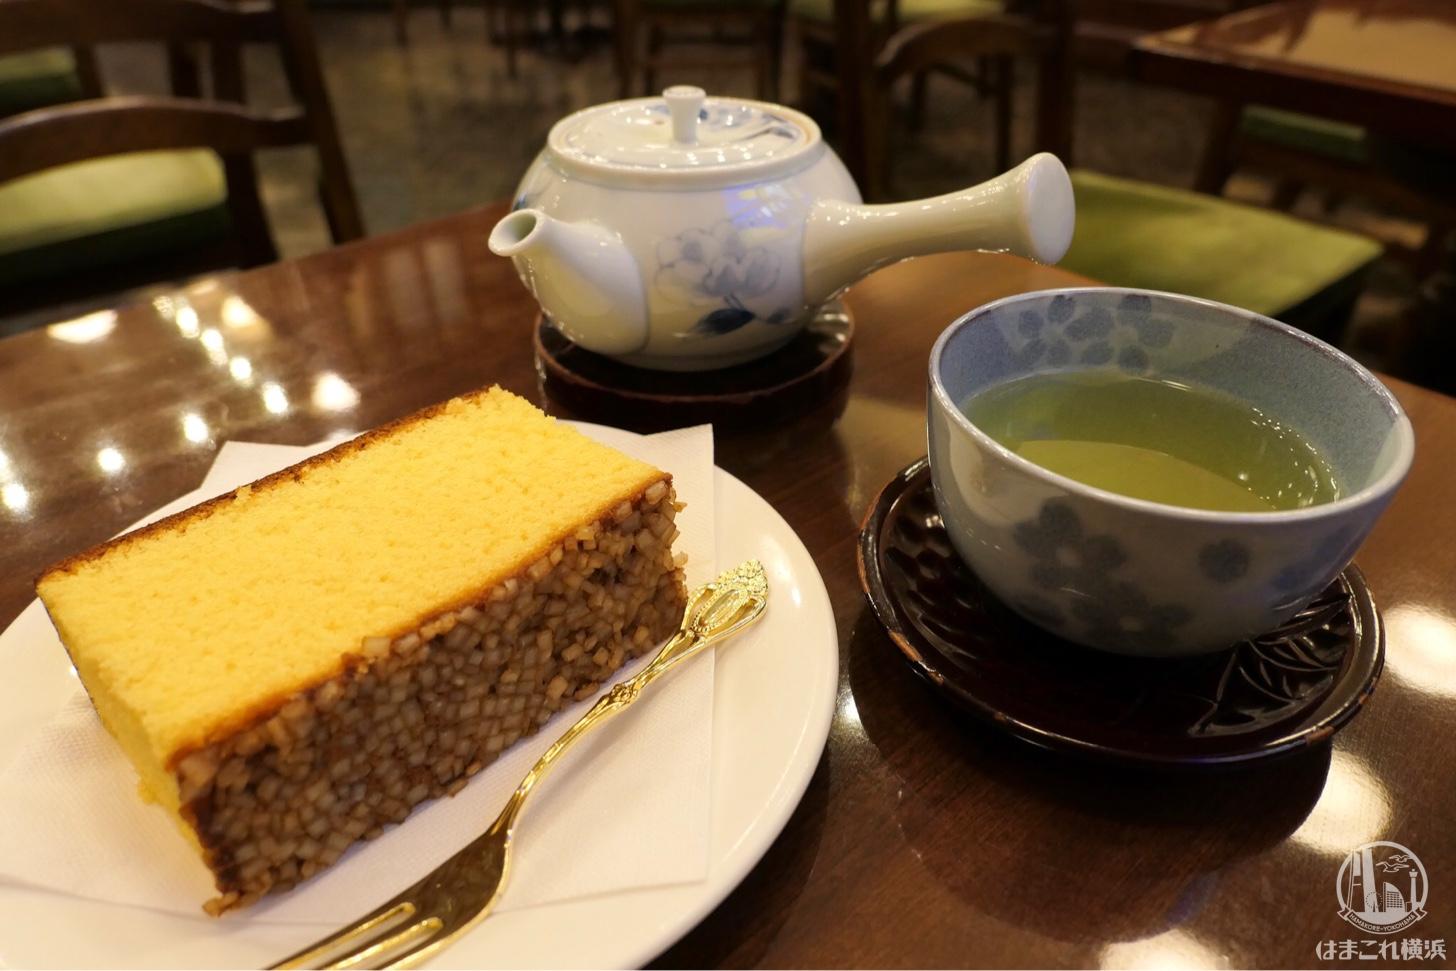 文明堂のカフェ「文明堂茶館ル・カフェ」で極上金カステラを食べて来た!関内の隠れ家空間